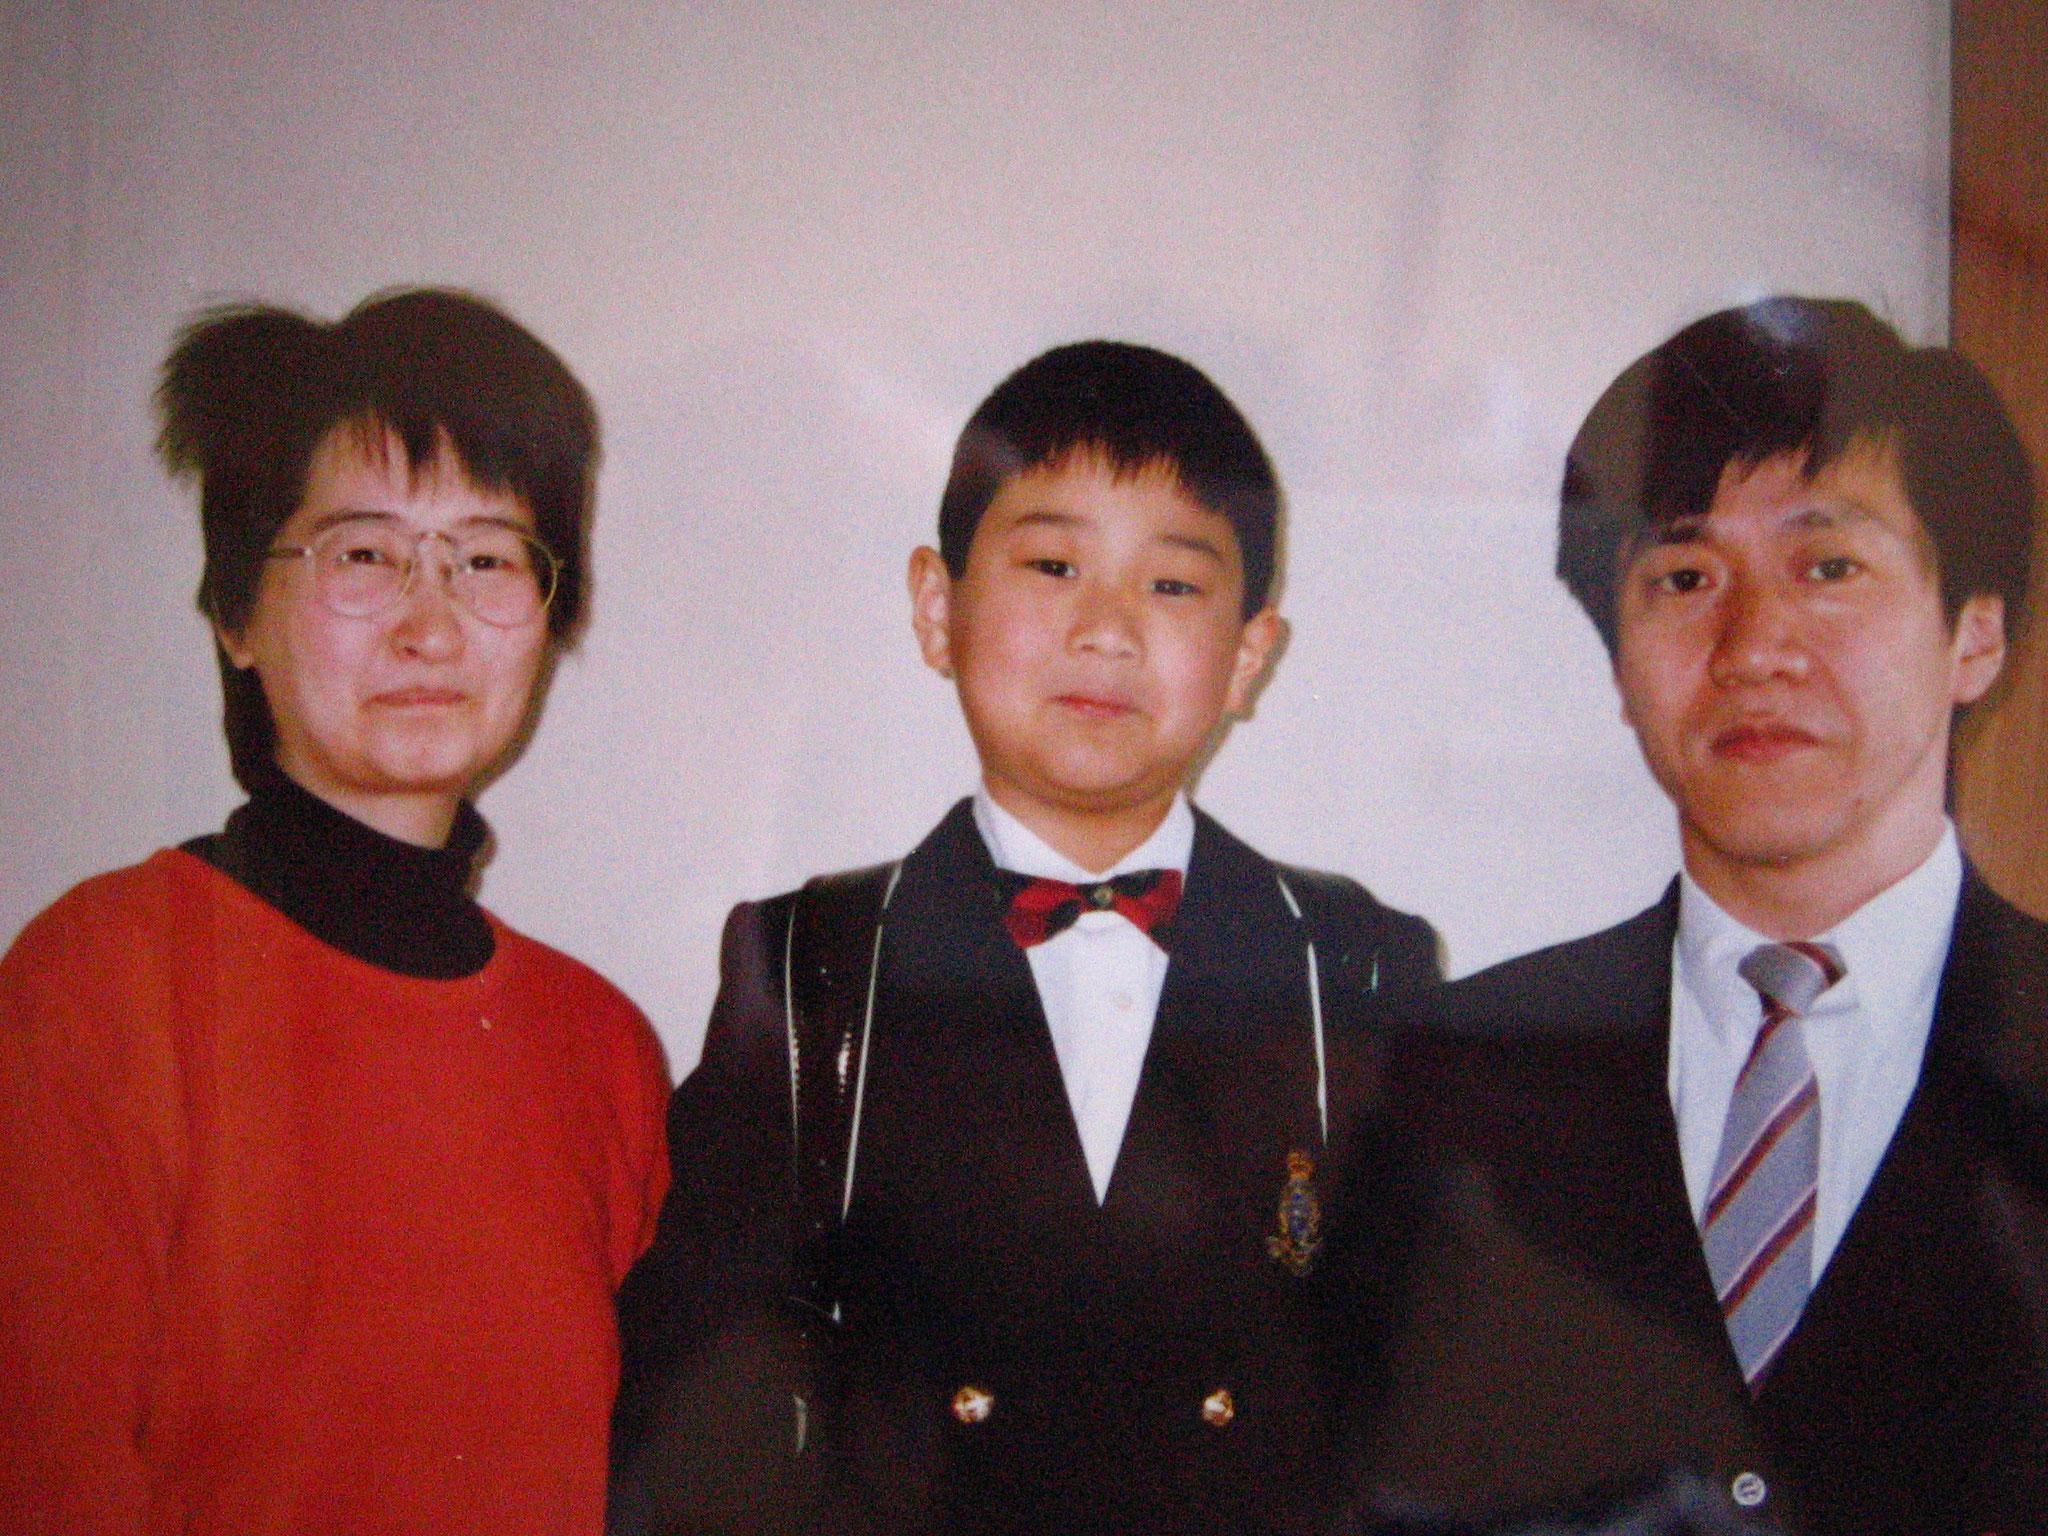 息子の入学式は、ベッドからお見送り、幽体離脱をしていて、伊藤慶二先生と出会う